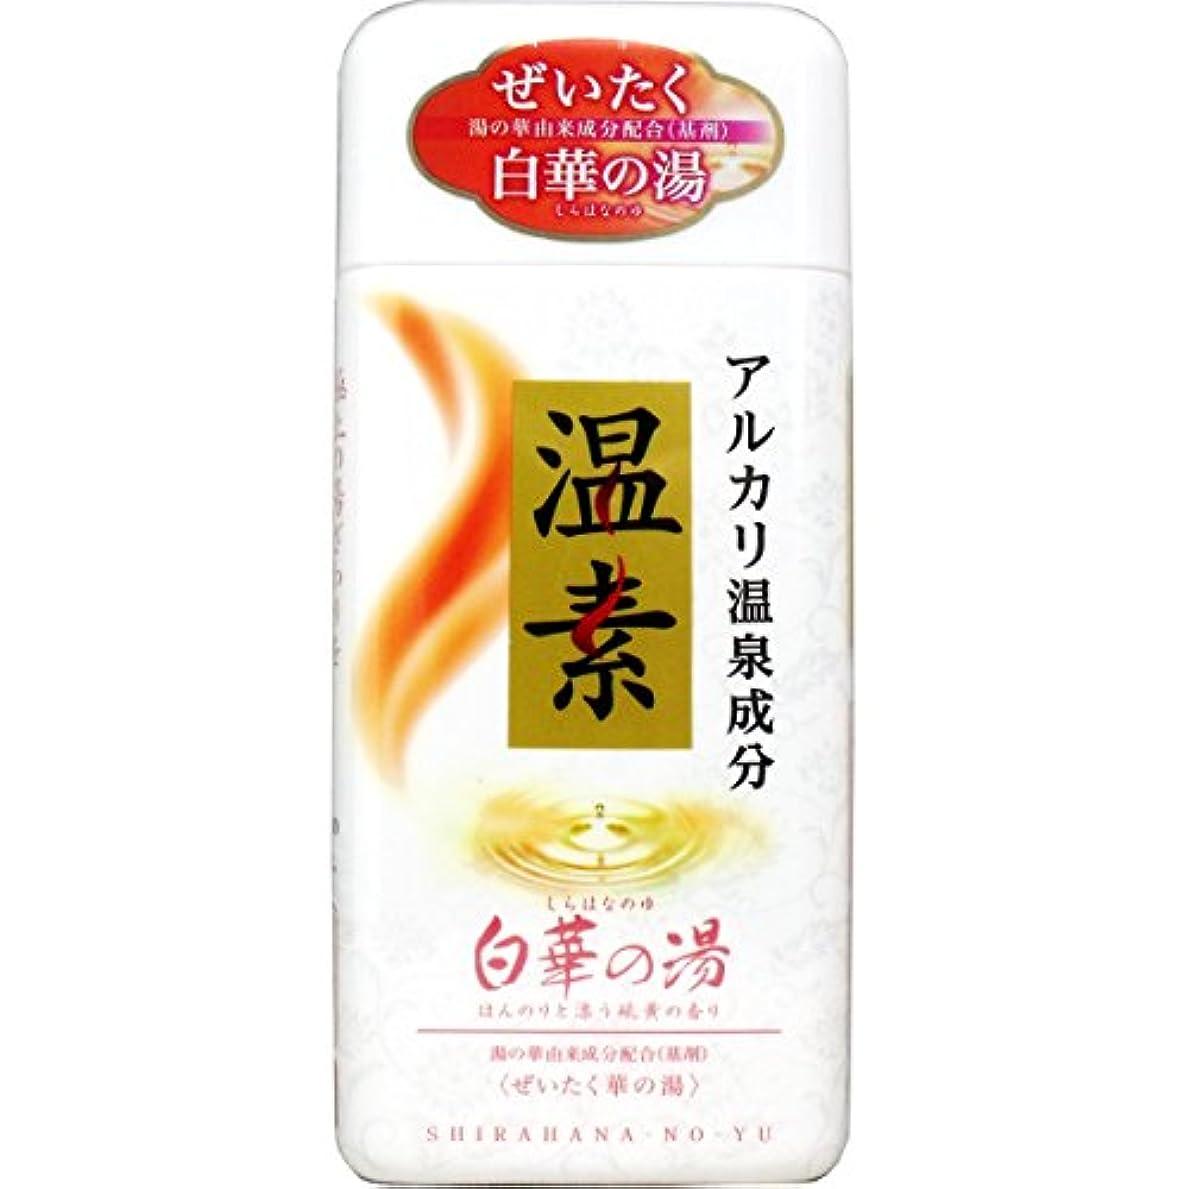 懐ホテルウィスキーお風呂用品 ぜいたく華の湯 本物志向 アルカリ温泉成分 温素 入浴剤 白華の湯 硫黄の香り 600g入